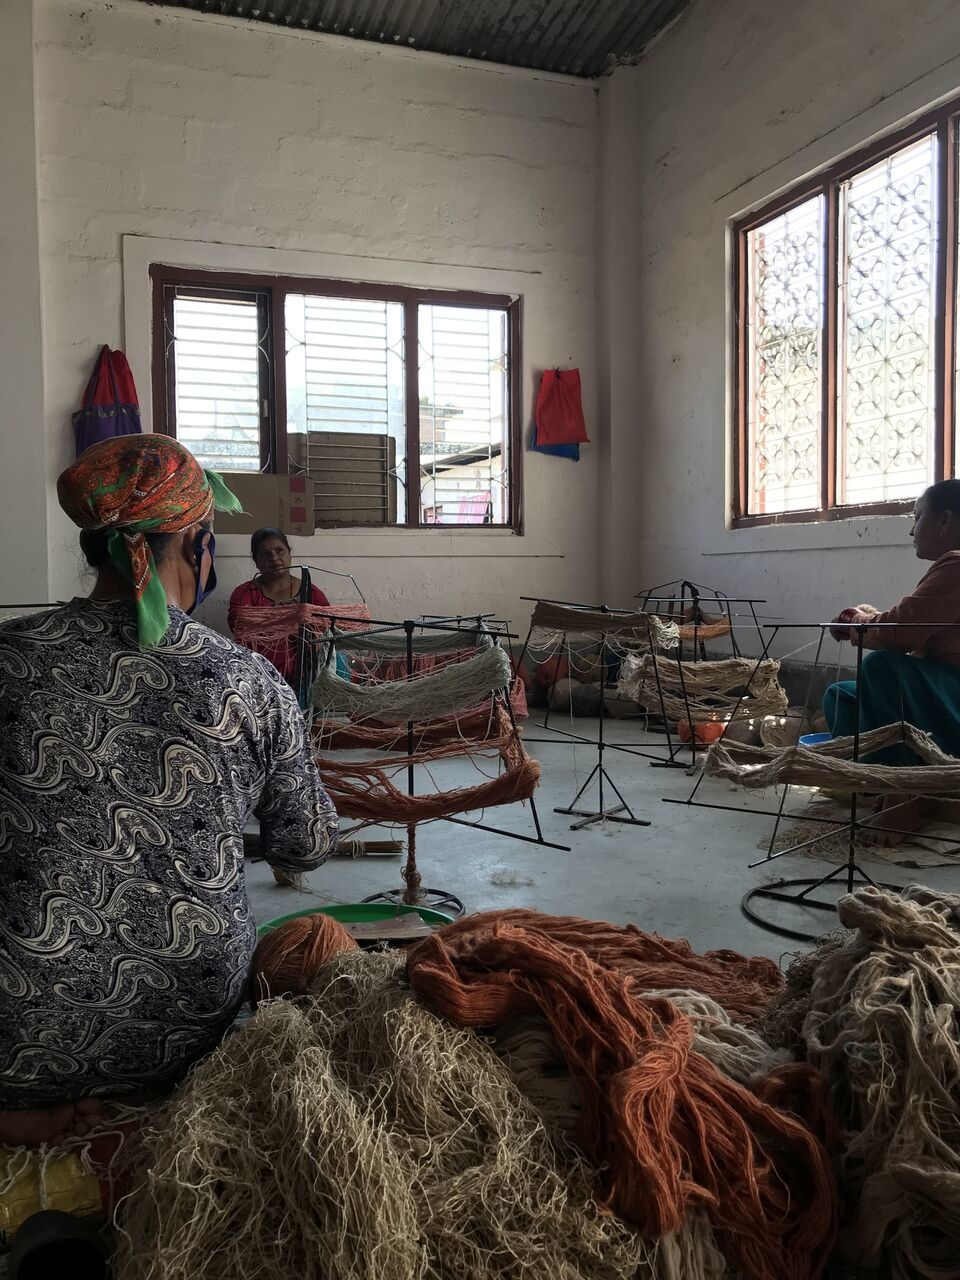 Привет из Катманду: Макс Касымов о поездке в Непал (галерея 22, фото 1)